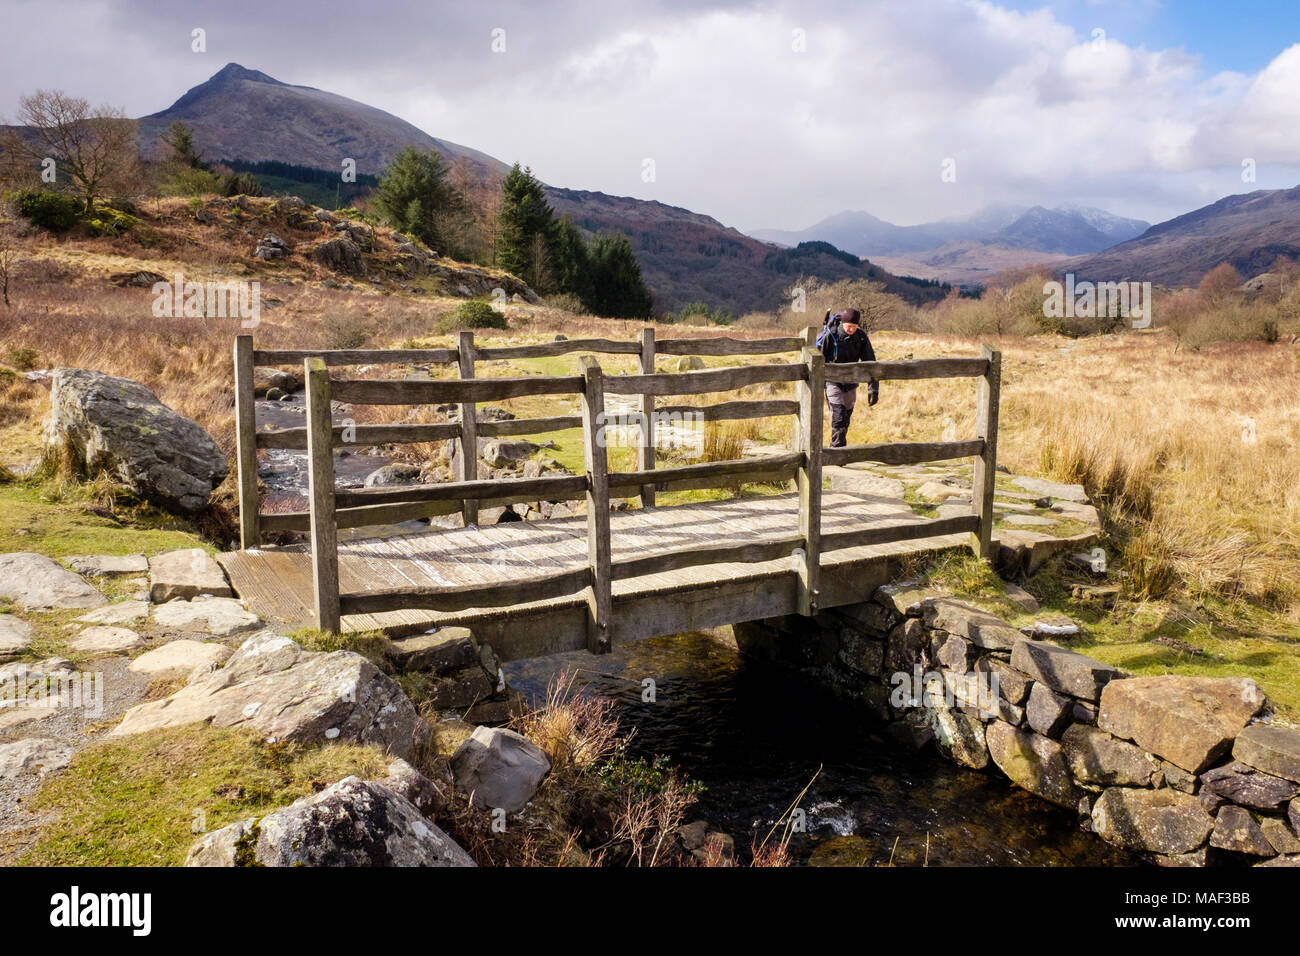 Caminante en un país camine acercarse a pasarela de madera cruzar un arroyo por un sendero en el Parque Nacional de Snowdonia. Capel Curig Gales Conwy Reino Unido Gran Bretaña Imagen De Stock